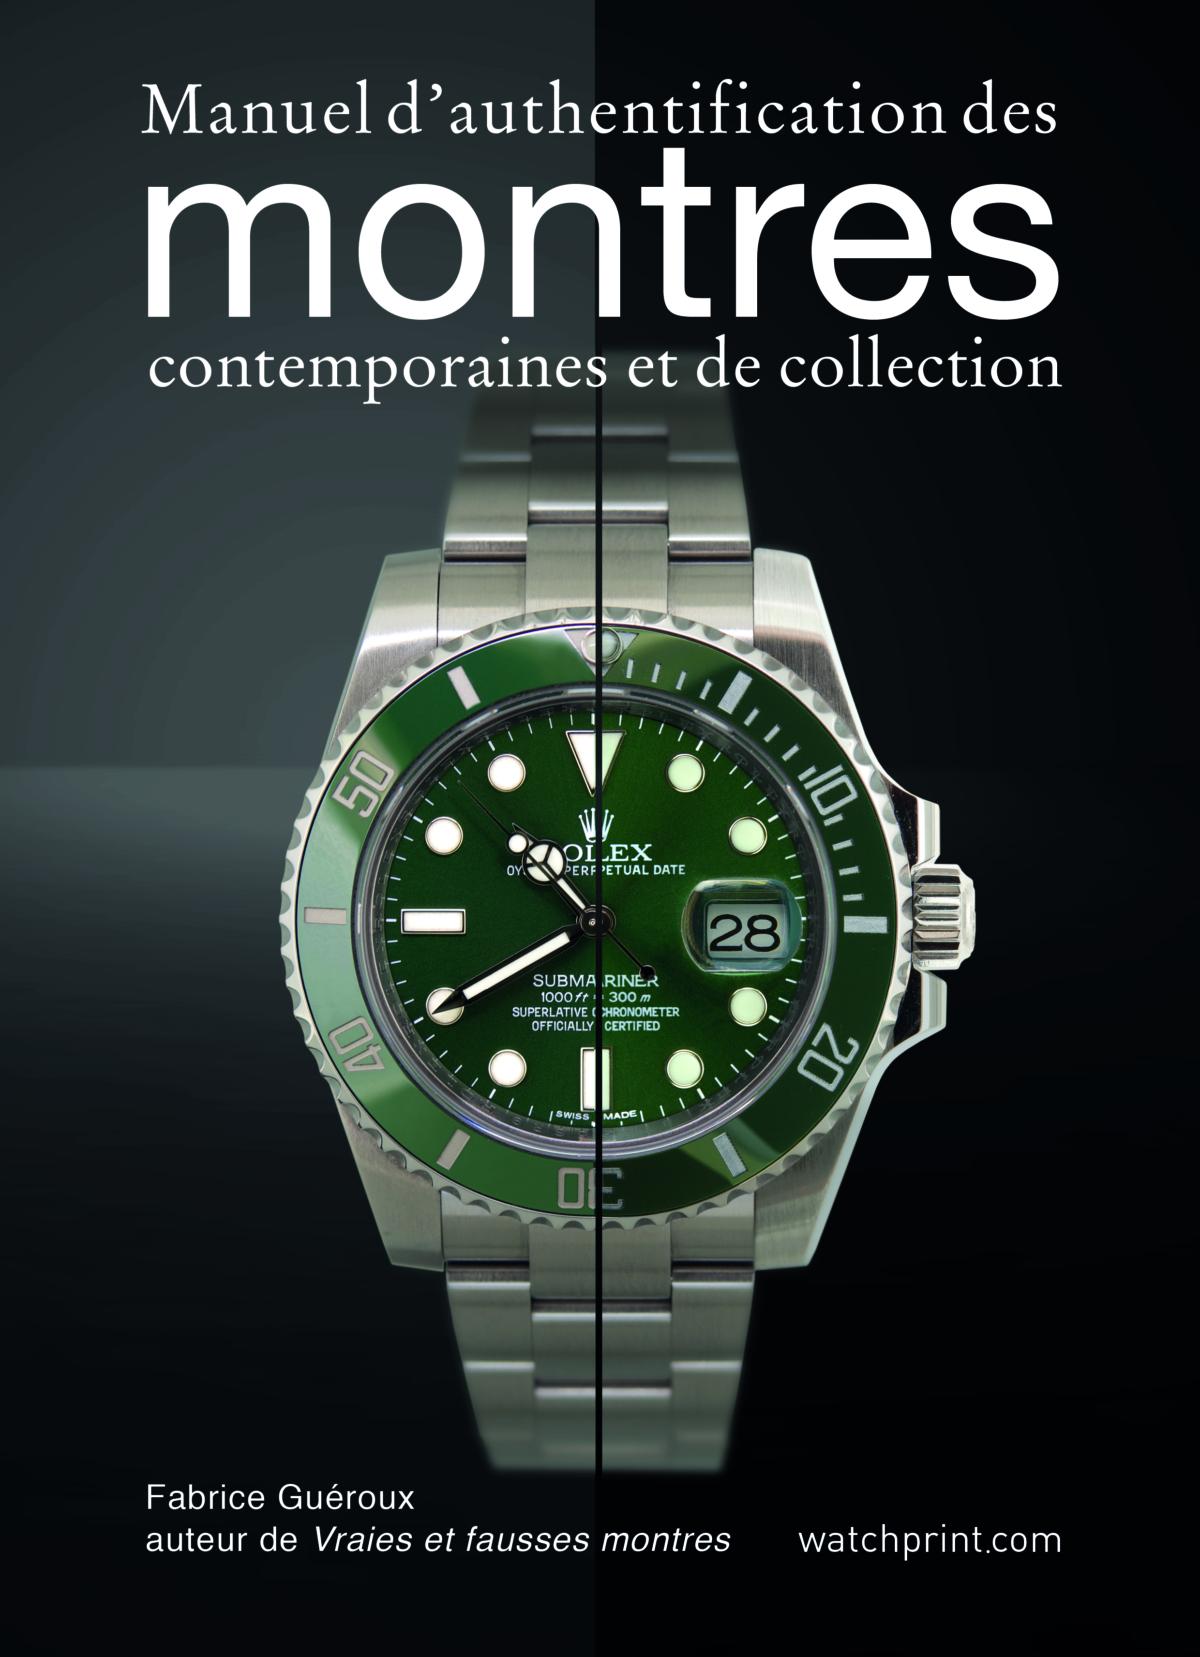 Un livre pour protéger le consommateur contre les fausses Rolex, Audemars Piguet, Patek Philippe et autres grandes marques horlogères